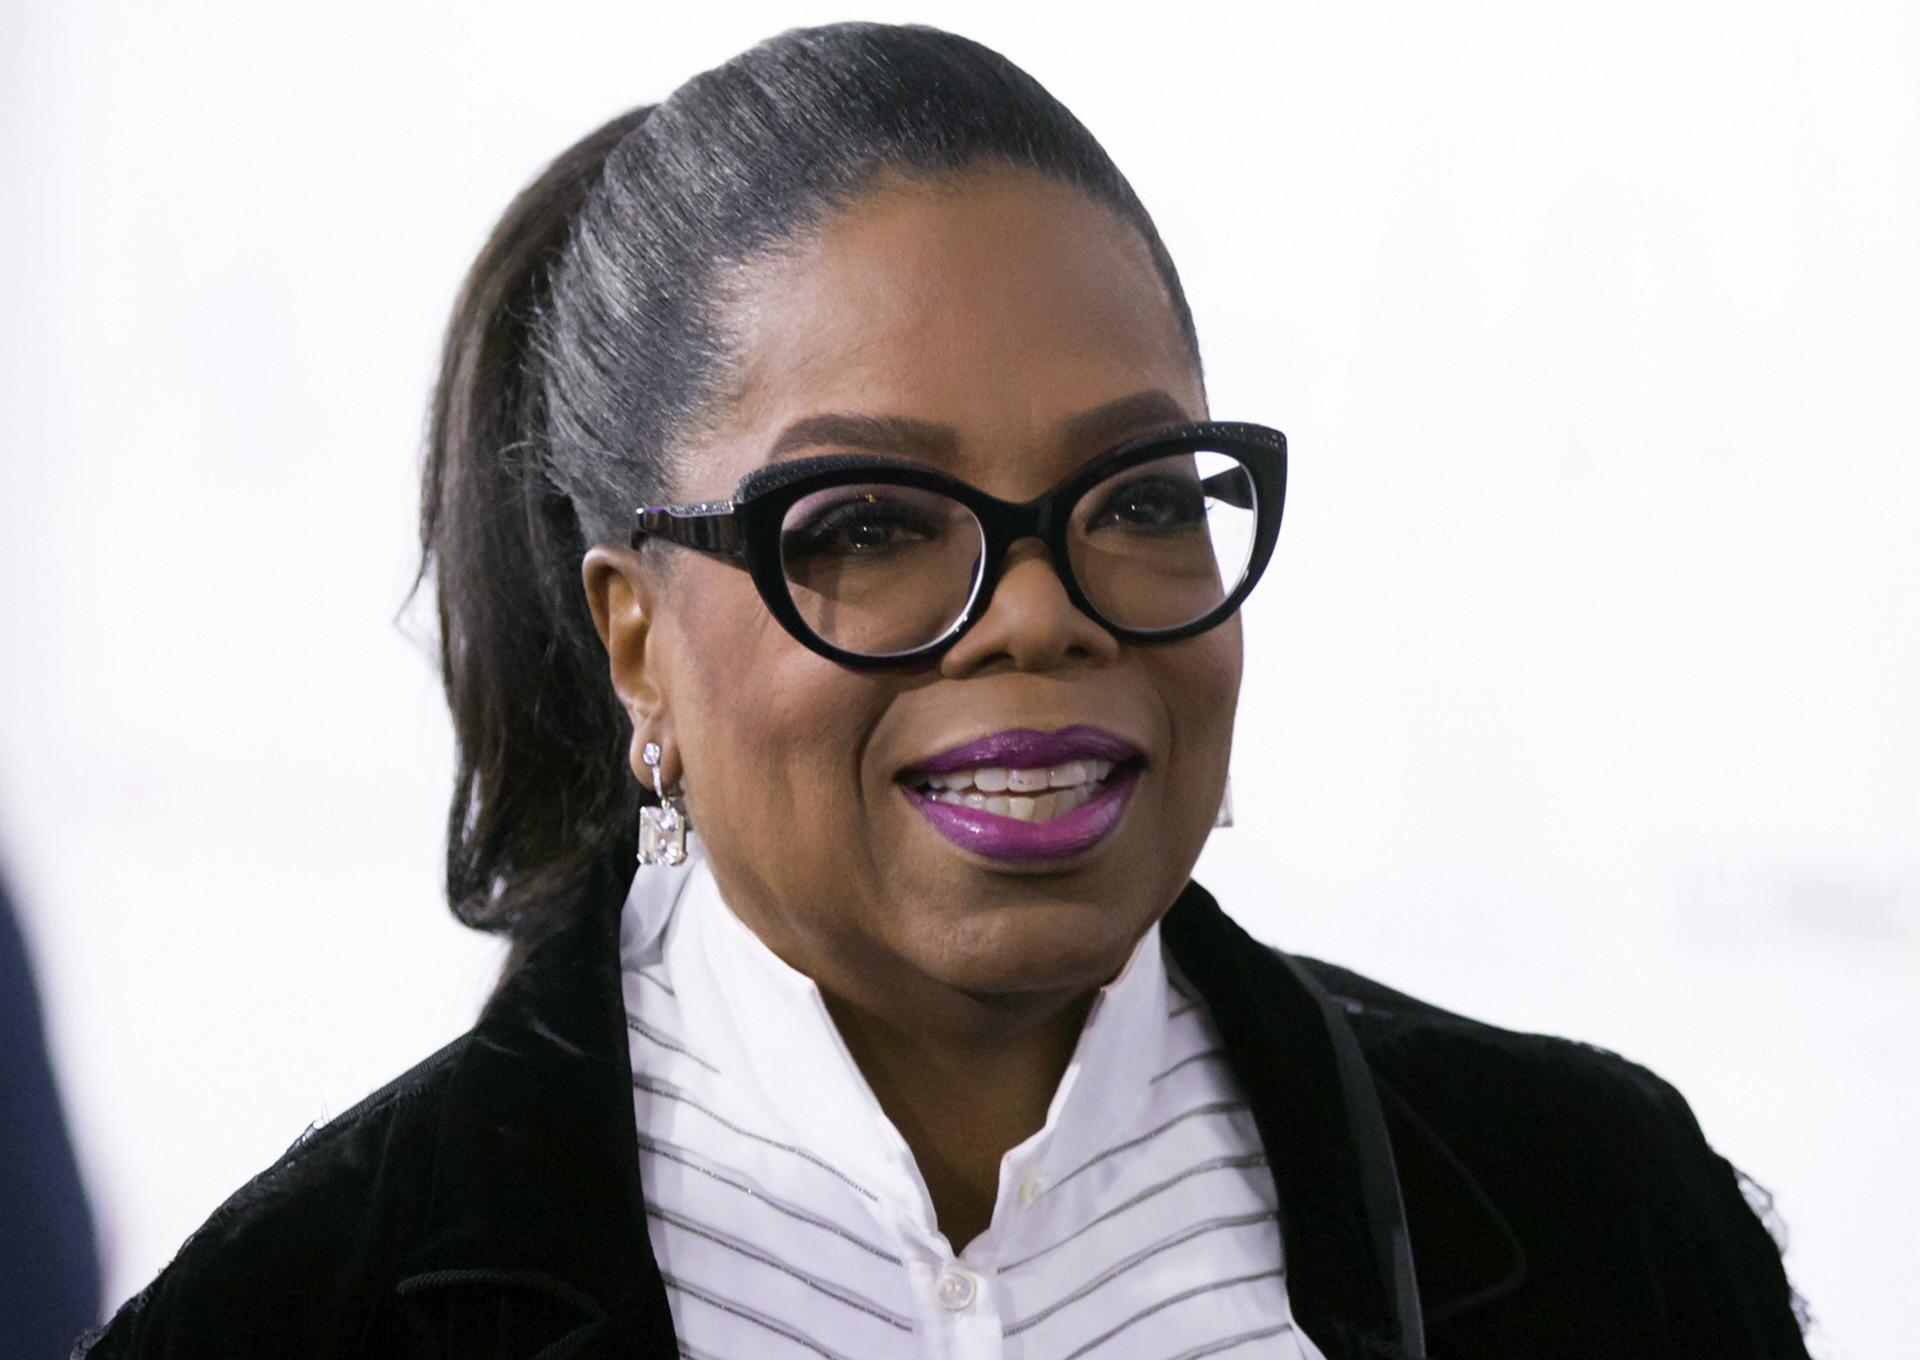 La presentadora norteamericana Oprah Winfrey.